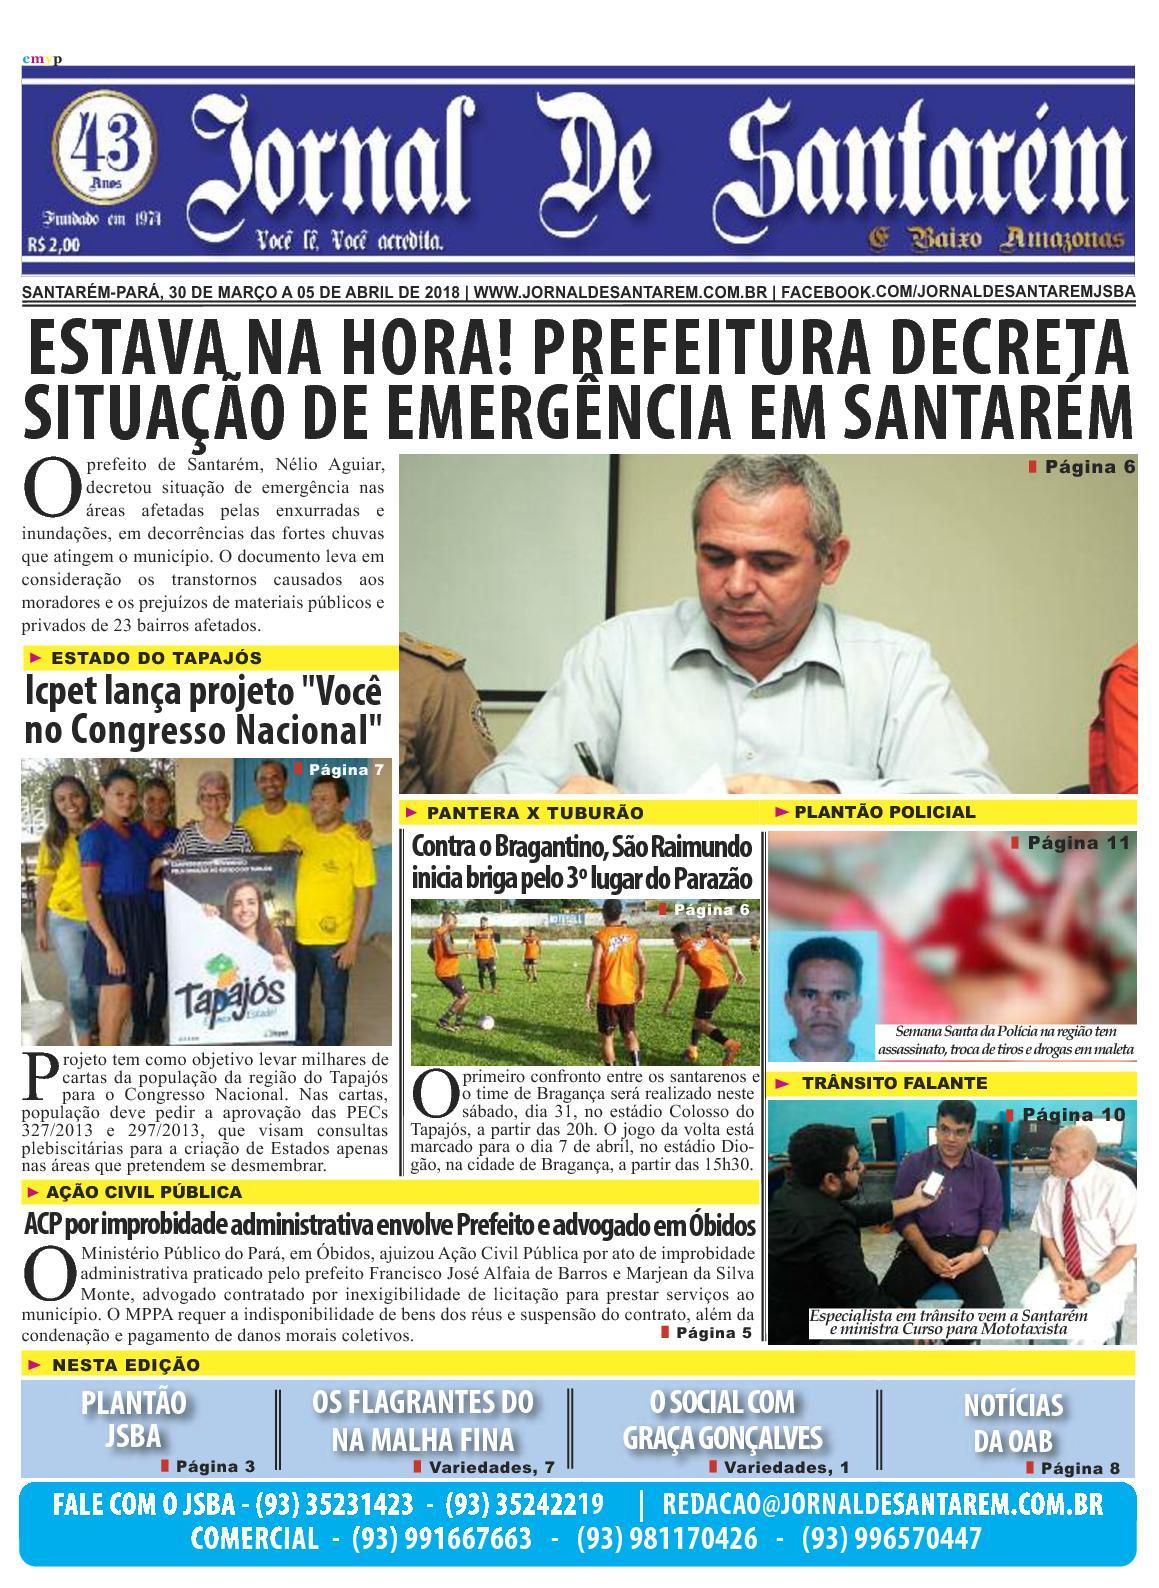 a5b11f7bdd Calaméo - JORNAL DE SANTARÉM E BAIXO AMAZONAS EDIÇÃO DE 30 DE MARÇO A 05 DE  ABRIL DE 2018